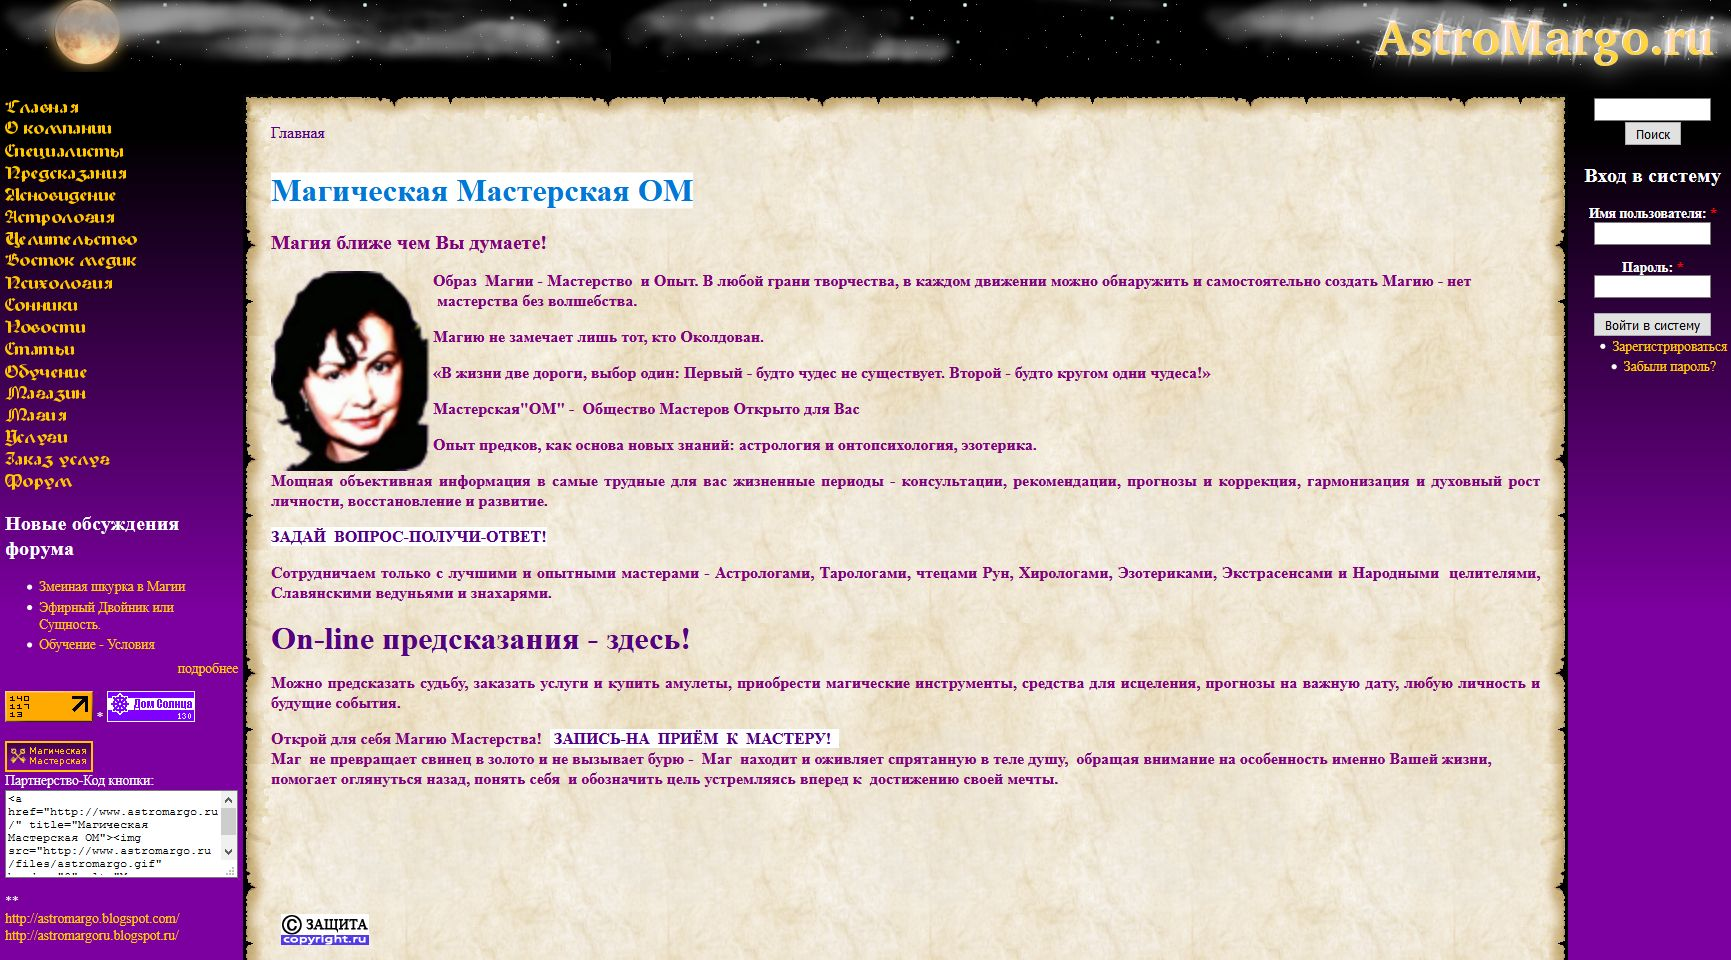 Магическая Мастерская ОМ astromargo.ru отзывы